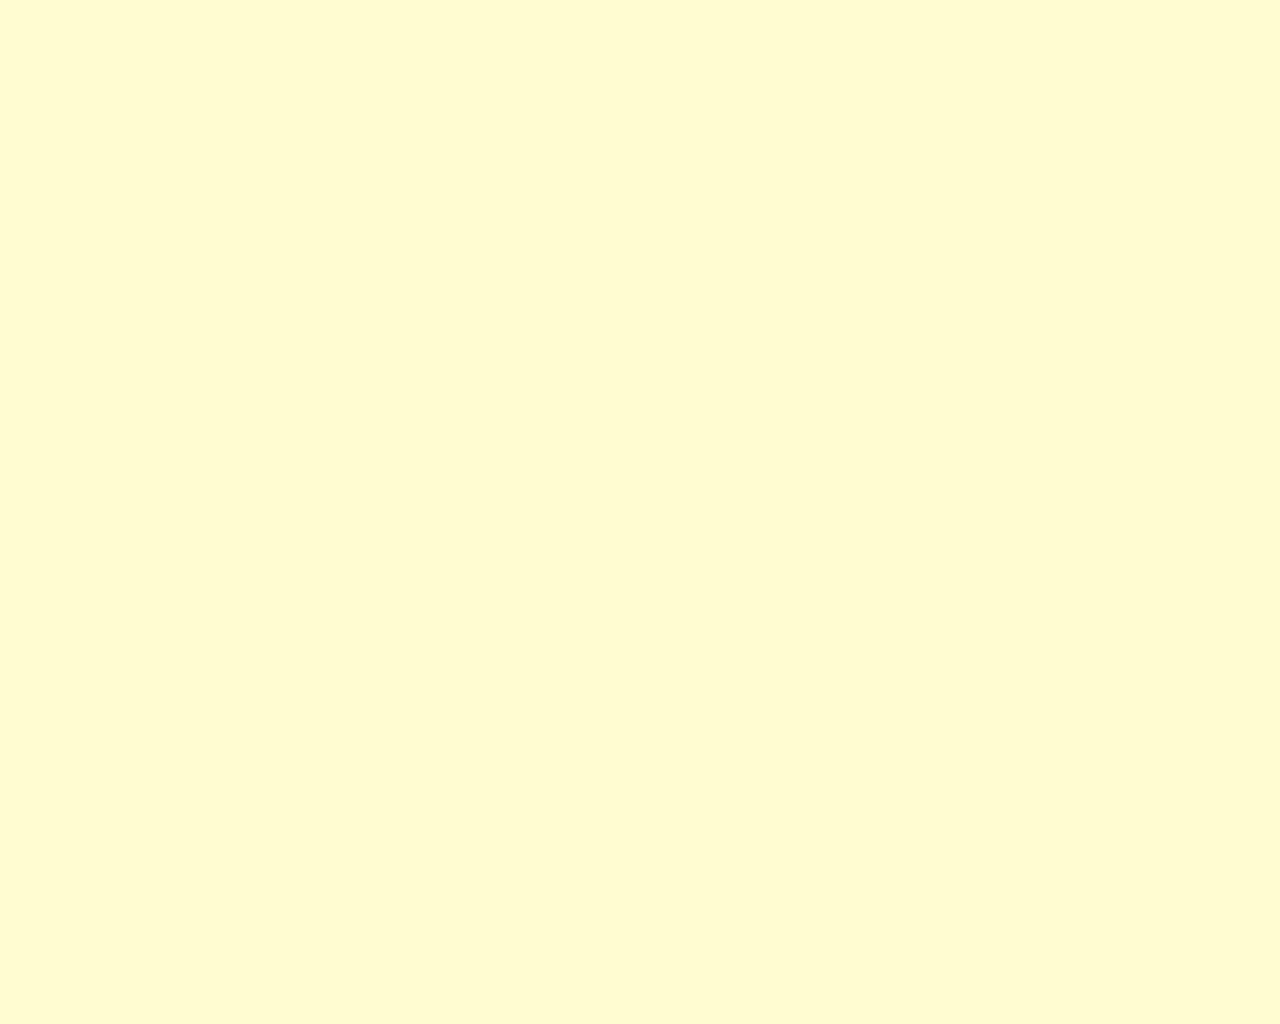 Cream Colored Wallpaper 1280x1024